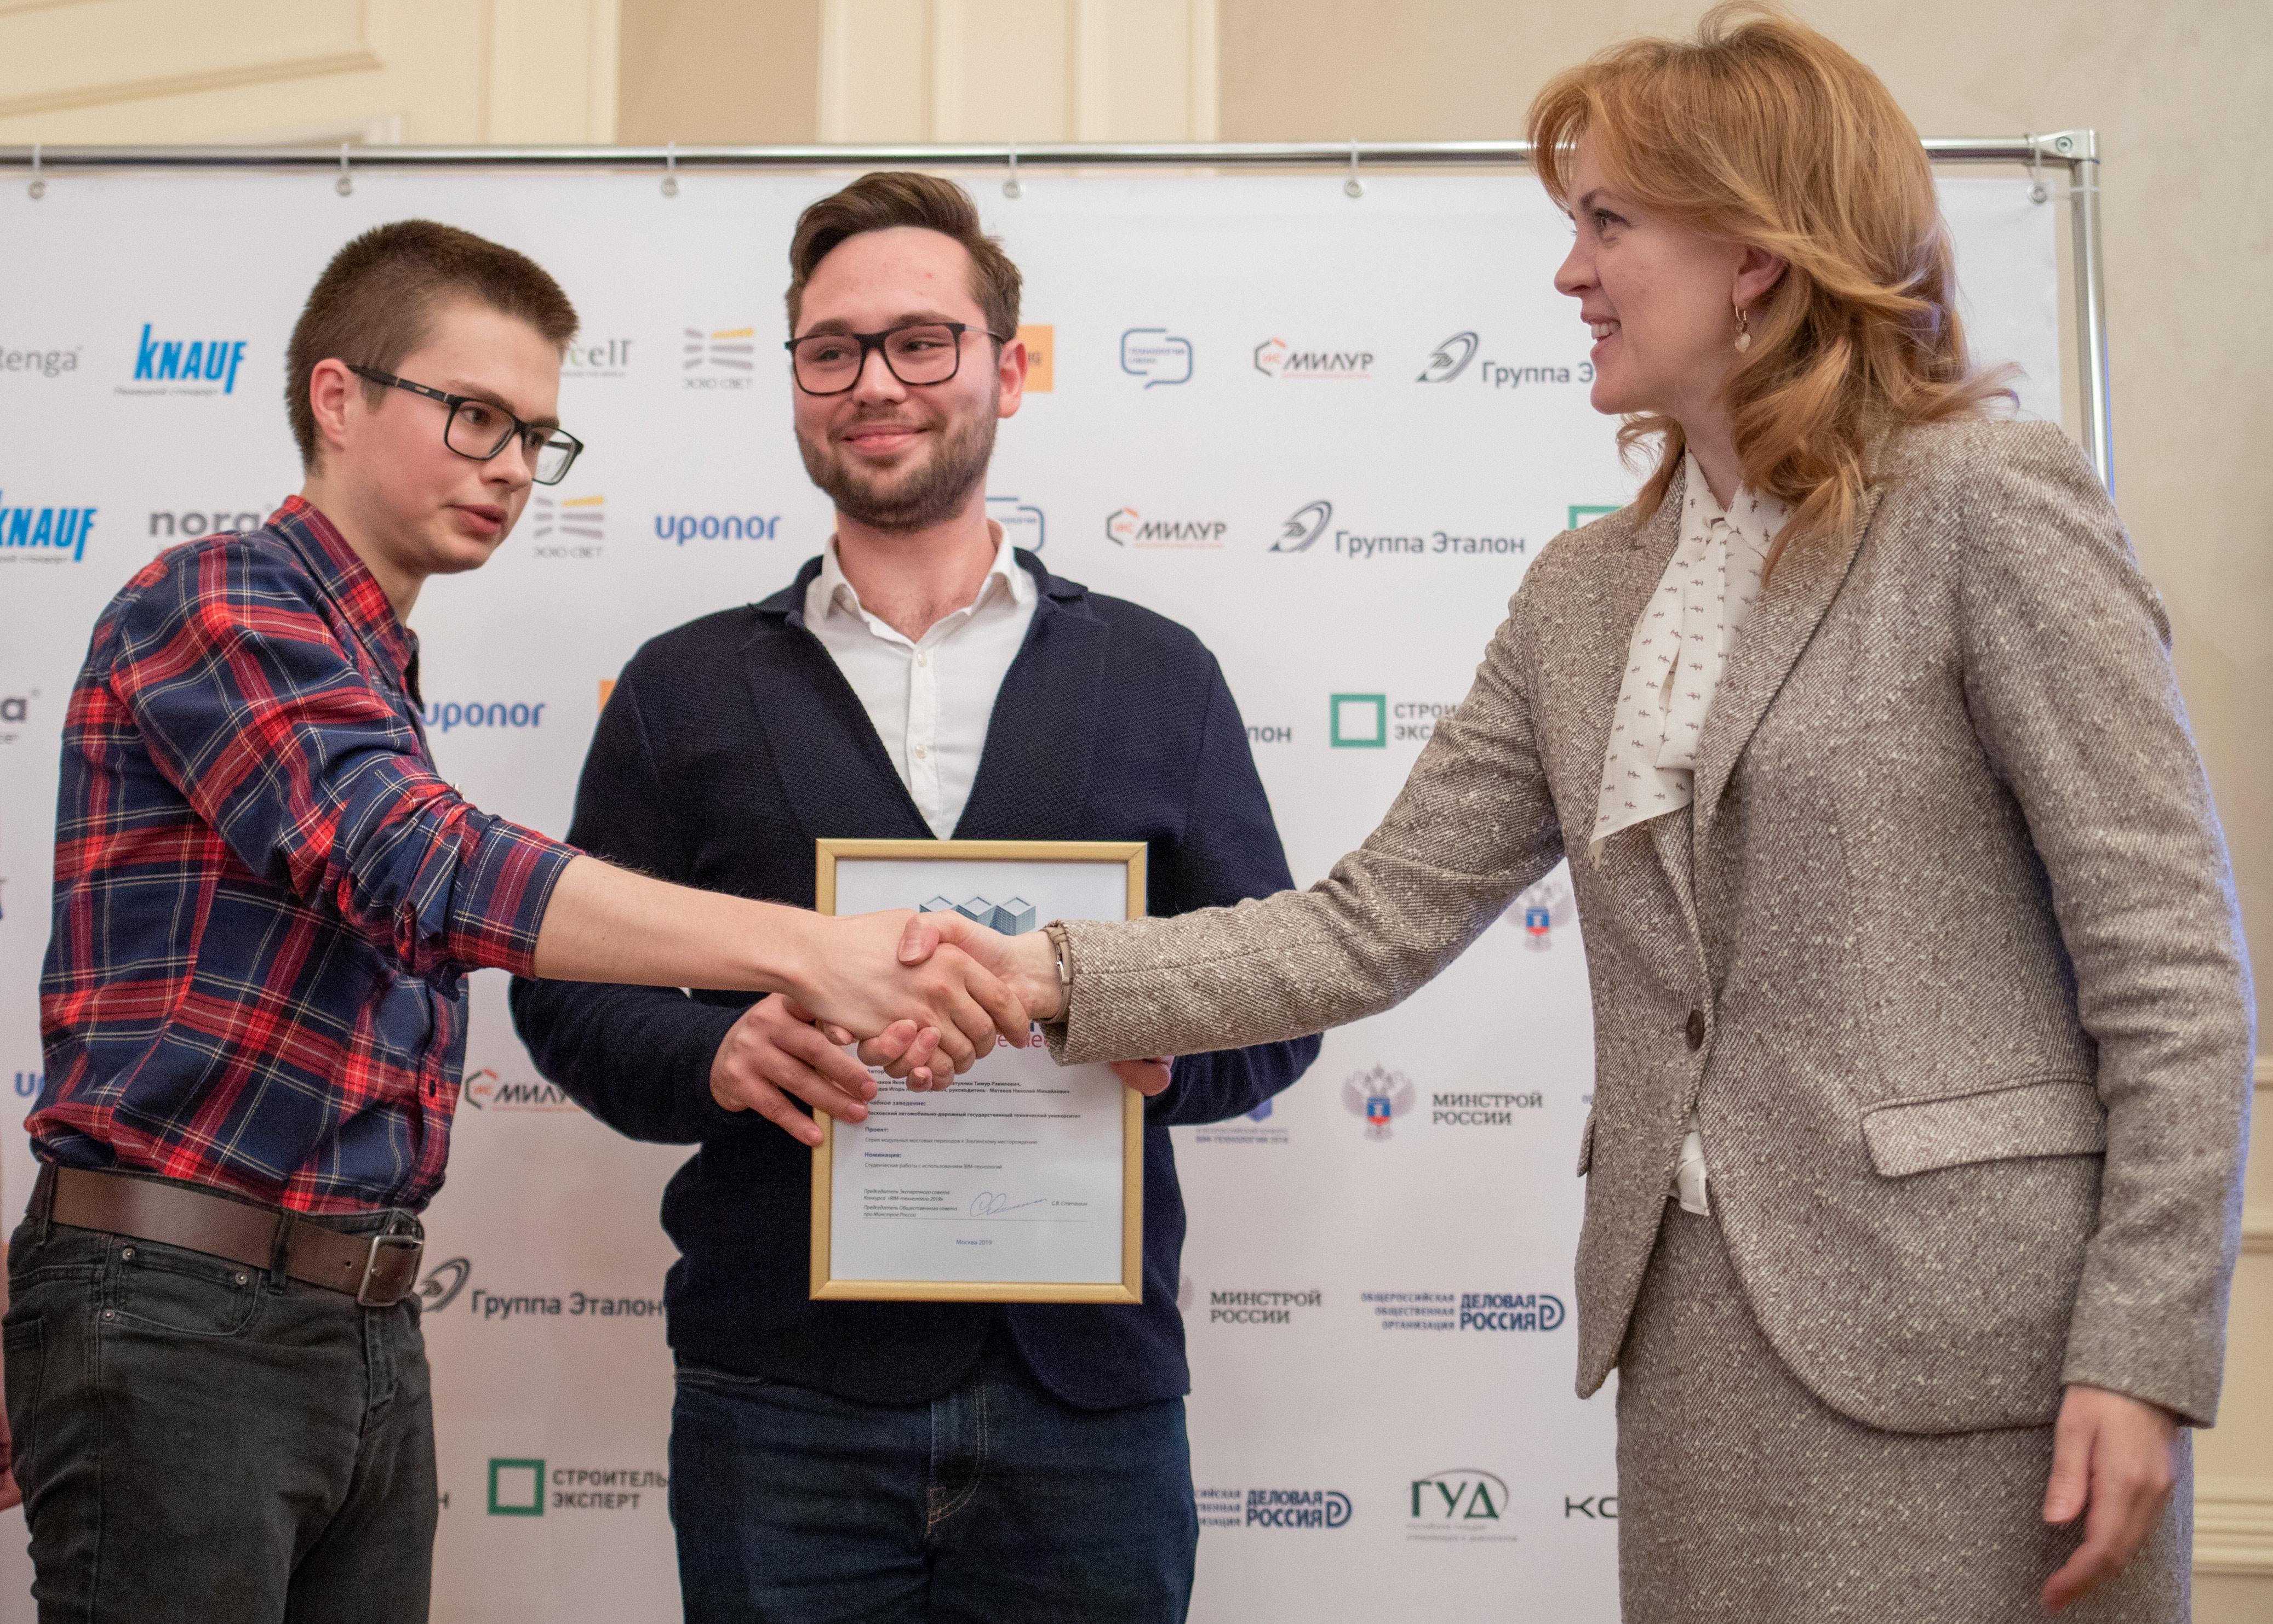 Торжественная церемония награждения призёров конкурса «BIM-технологии 2018»